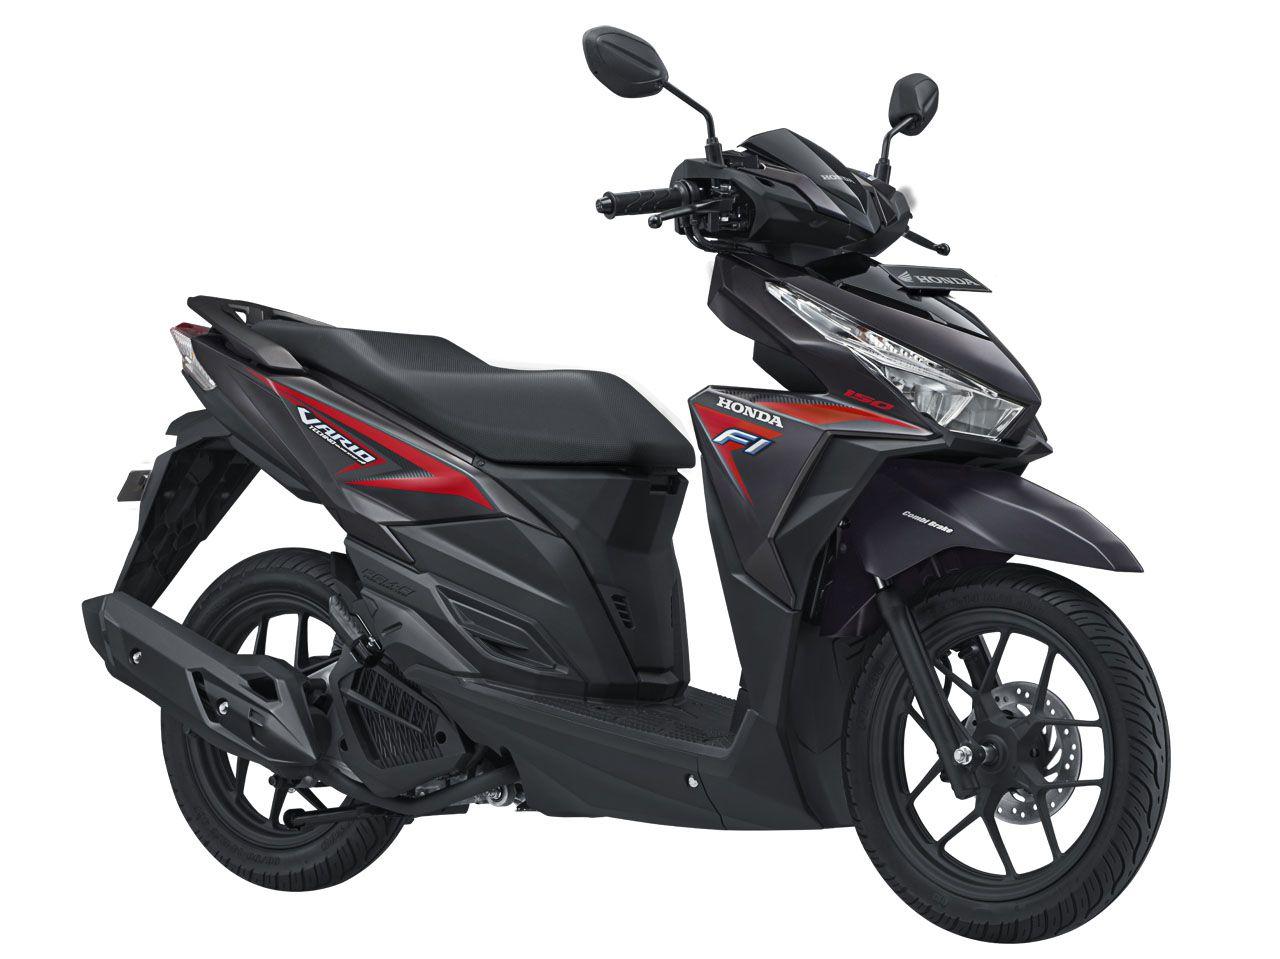 Vario 150 eSP tipe sporty warna Titanium Black